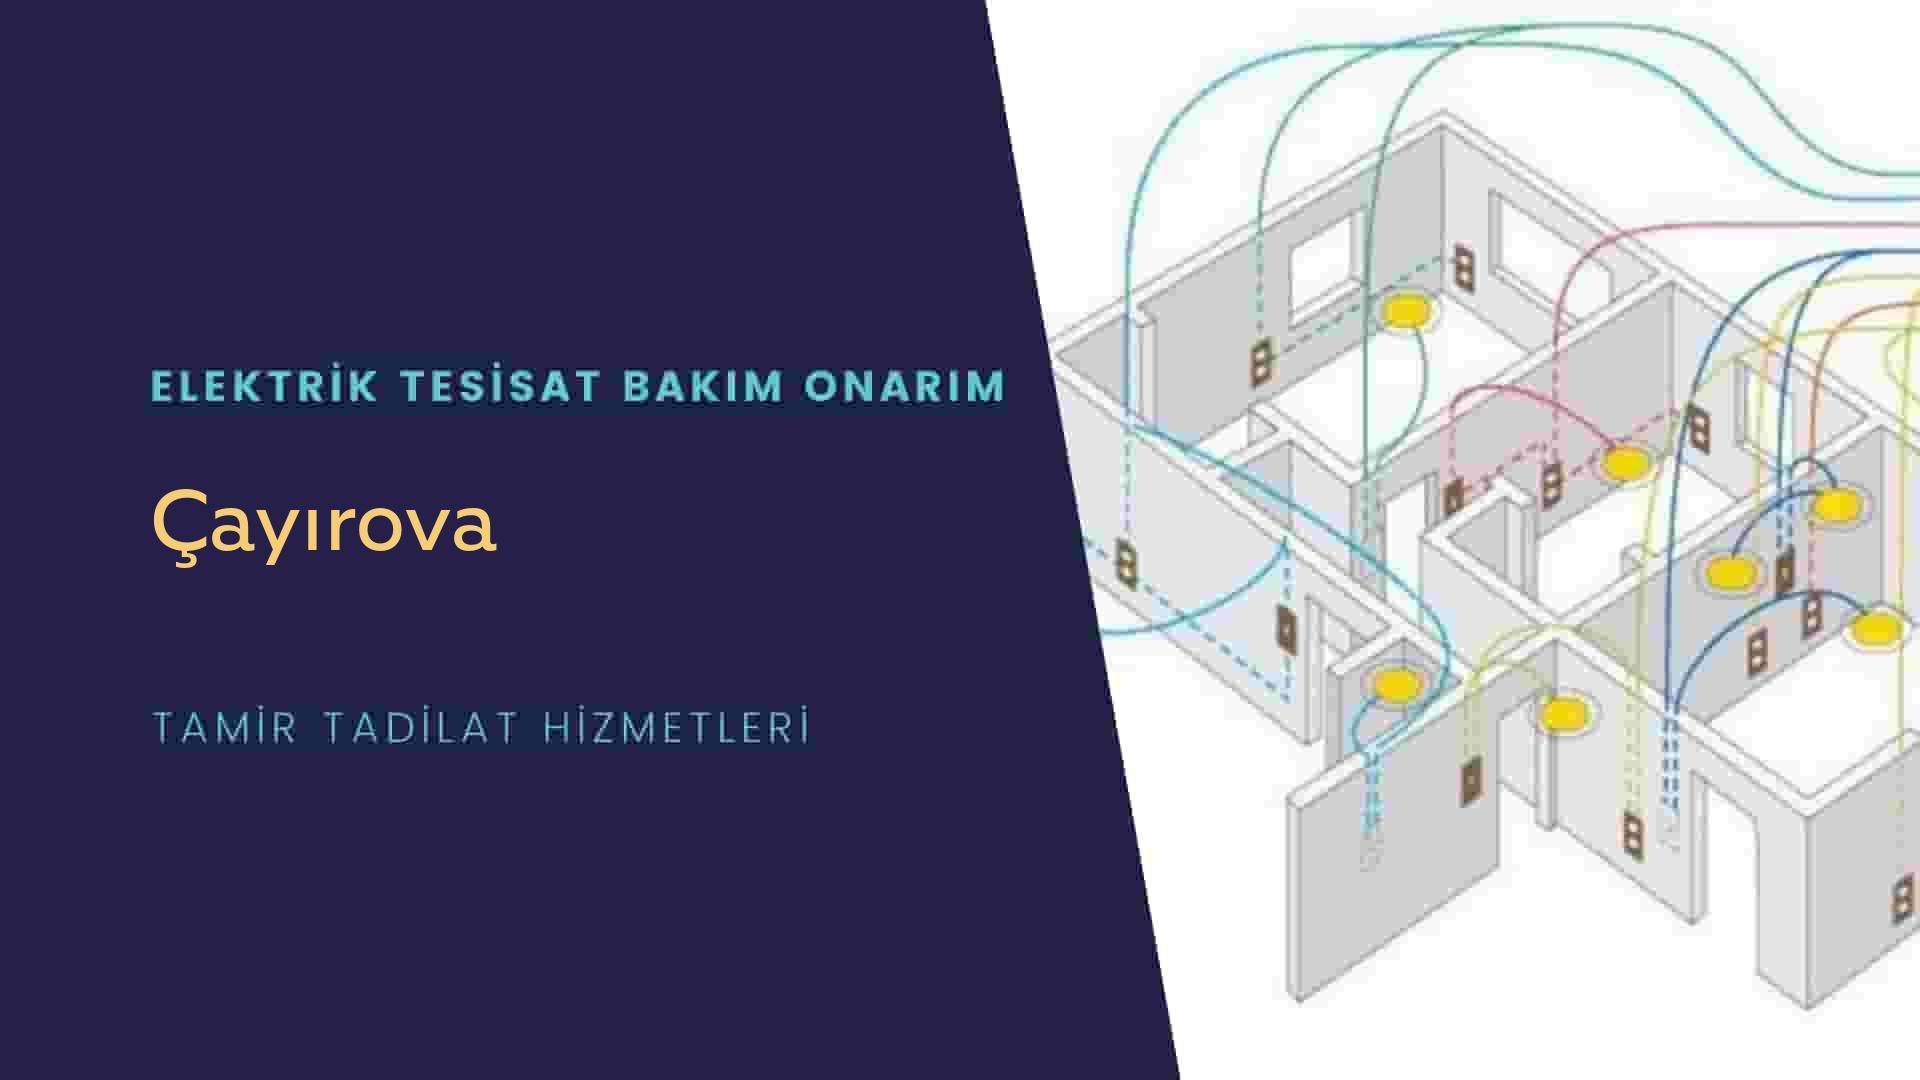 Çayırova'da elektrik tesisatıustalarımı arıyorsunuz doğru adrestenizi Çayırova elektrik tesisatı ustalarımız 7/24 sizlere hizmet vermekten mutluluk duyar.